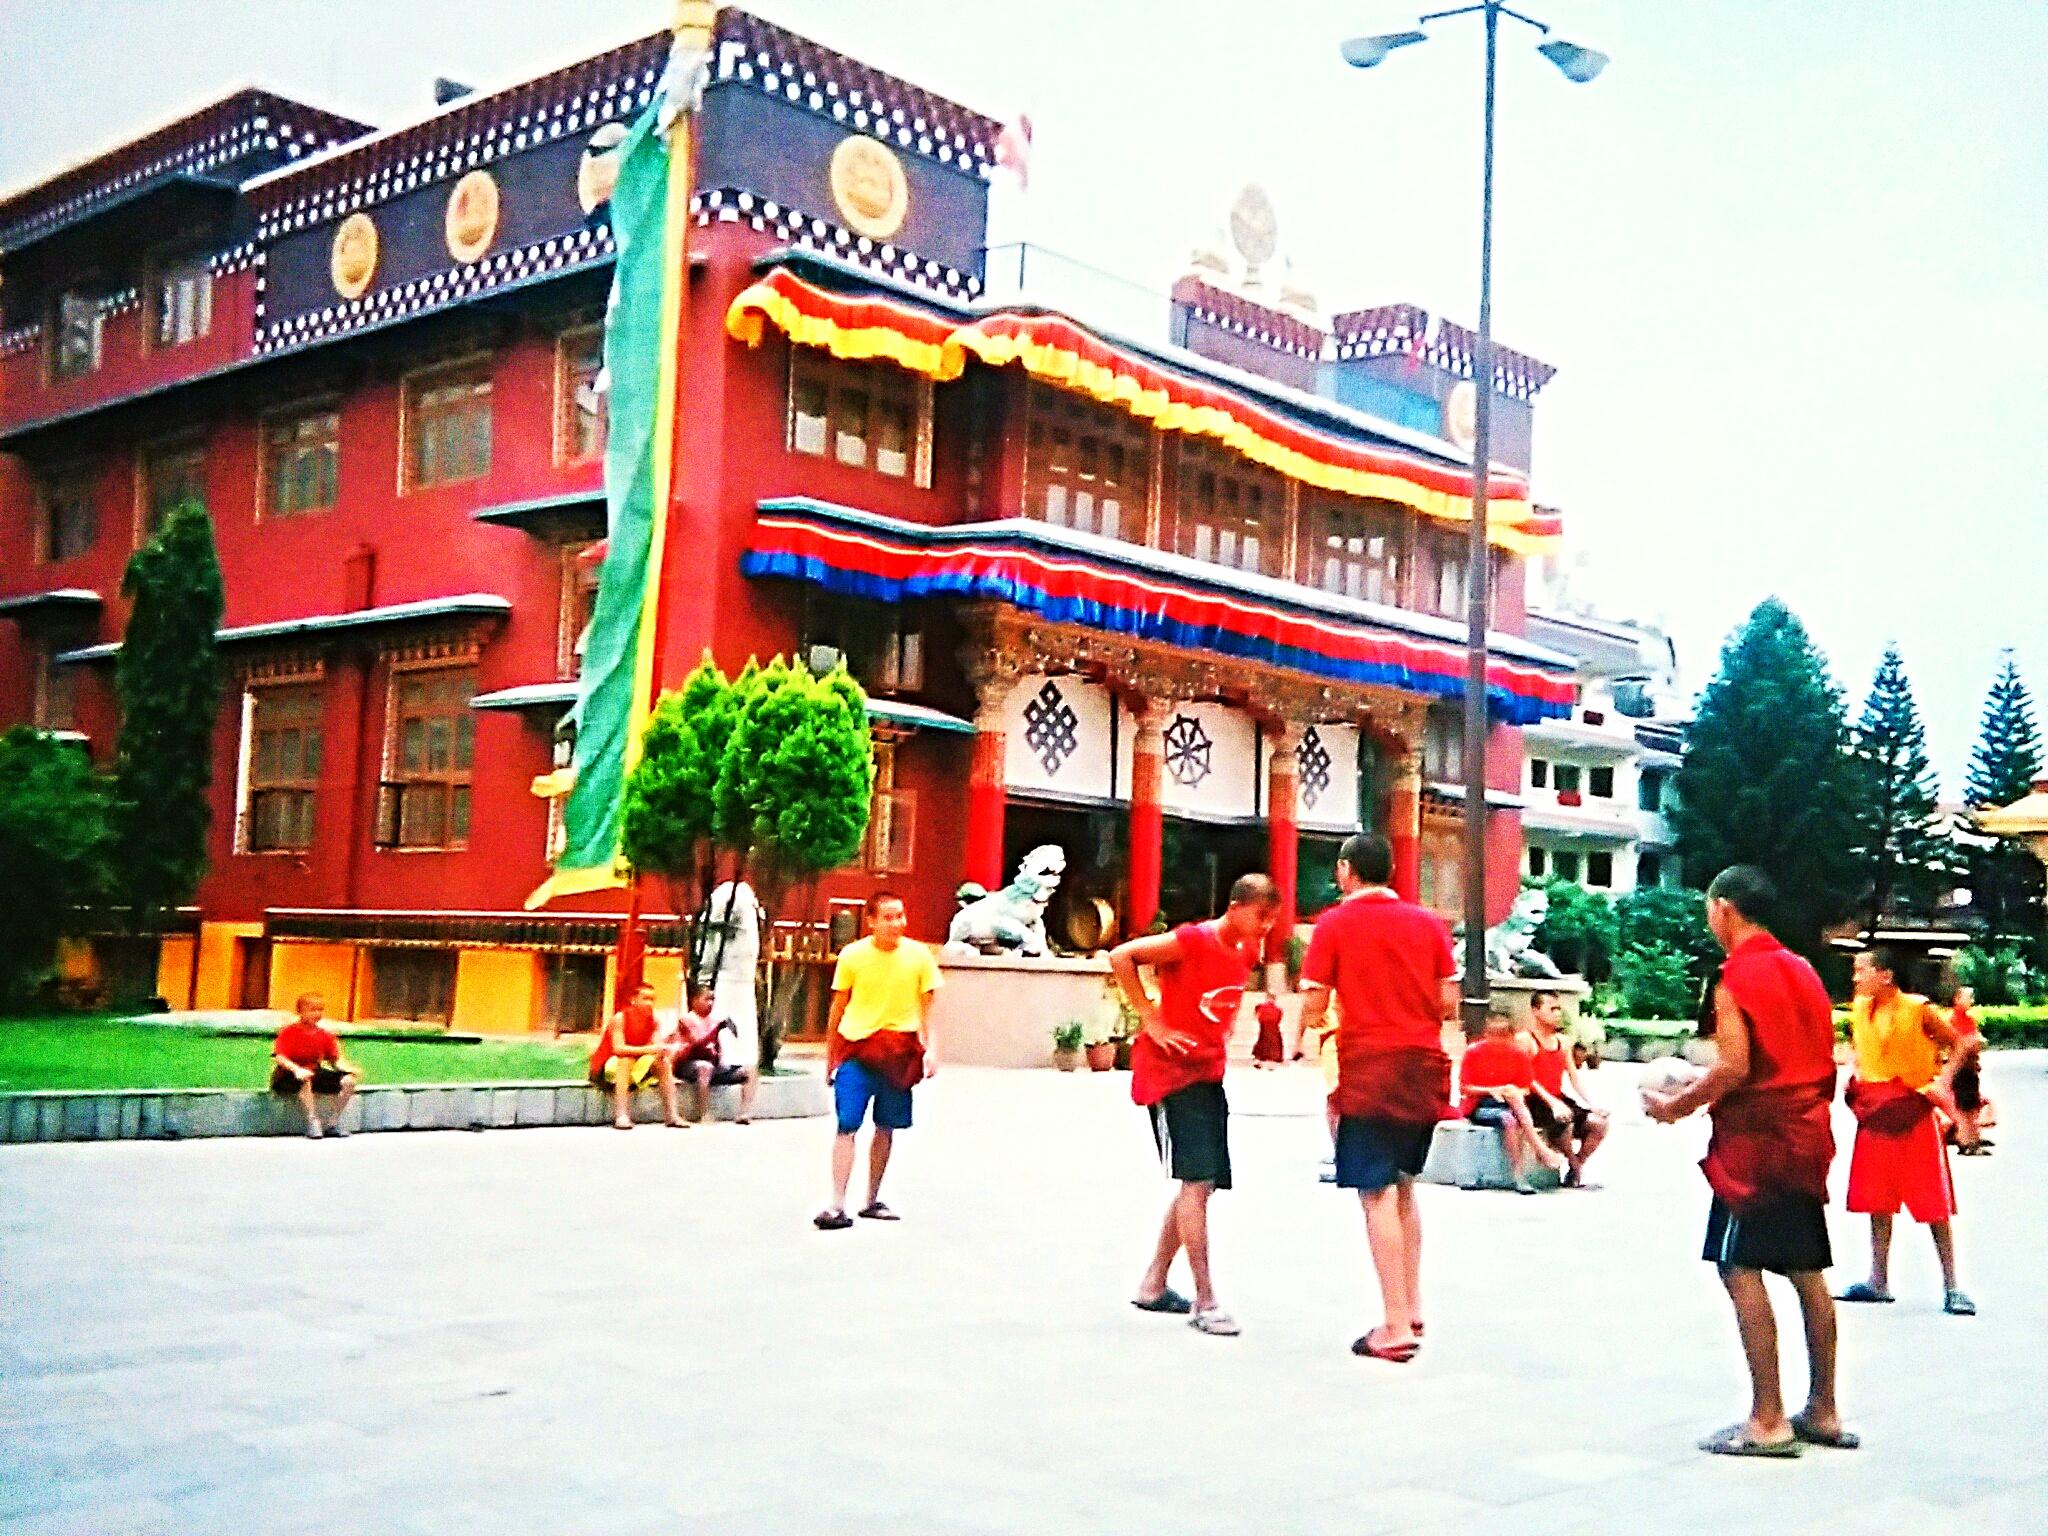 『チベット仏教の聖地ボダナートの寺院一覧表』行き方・注意点のまとめ